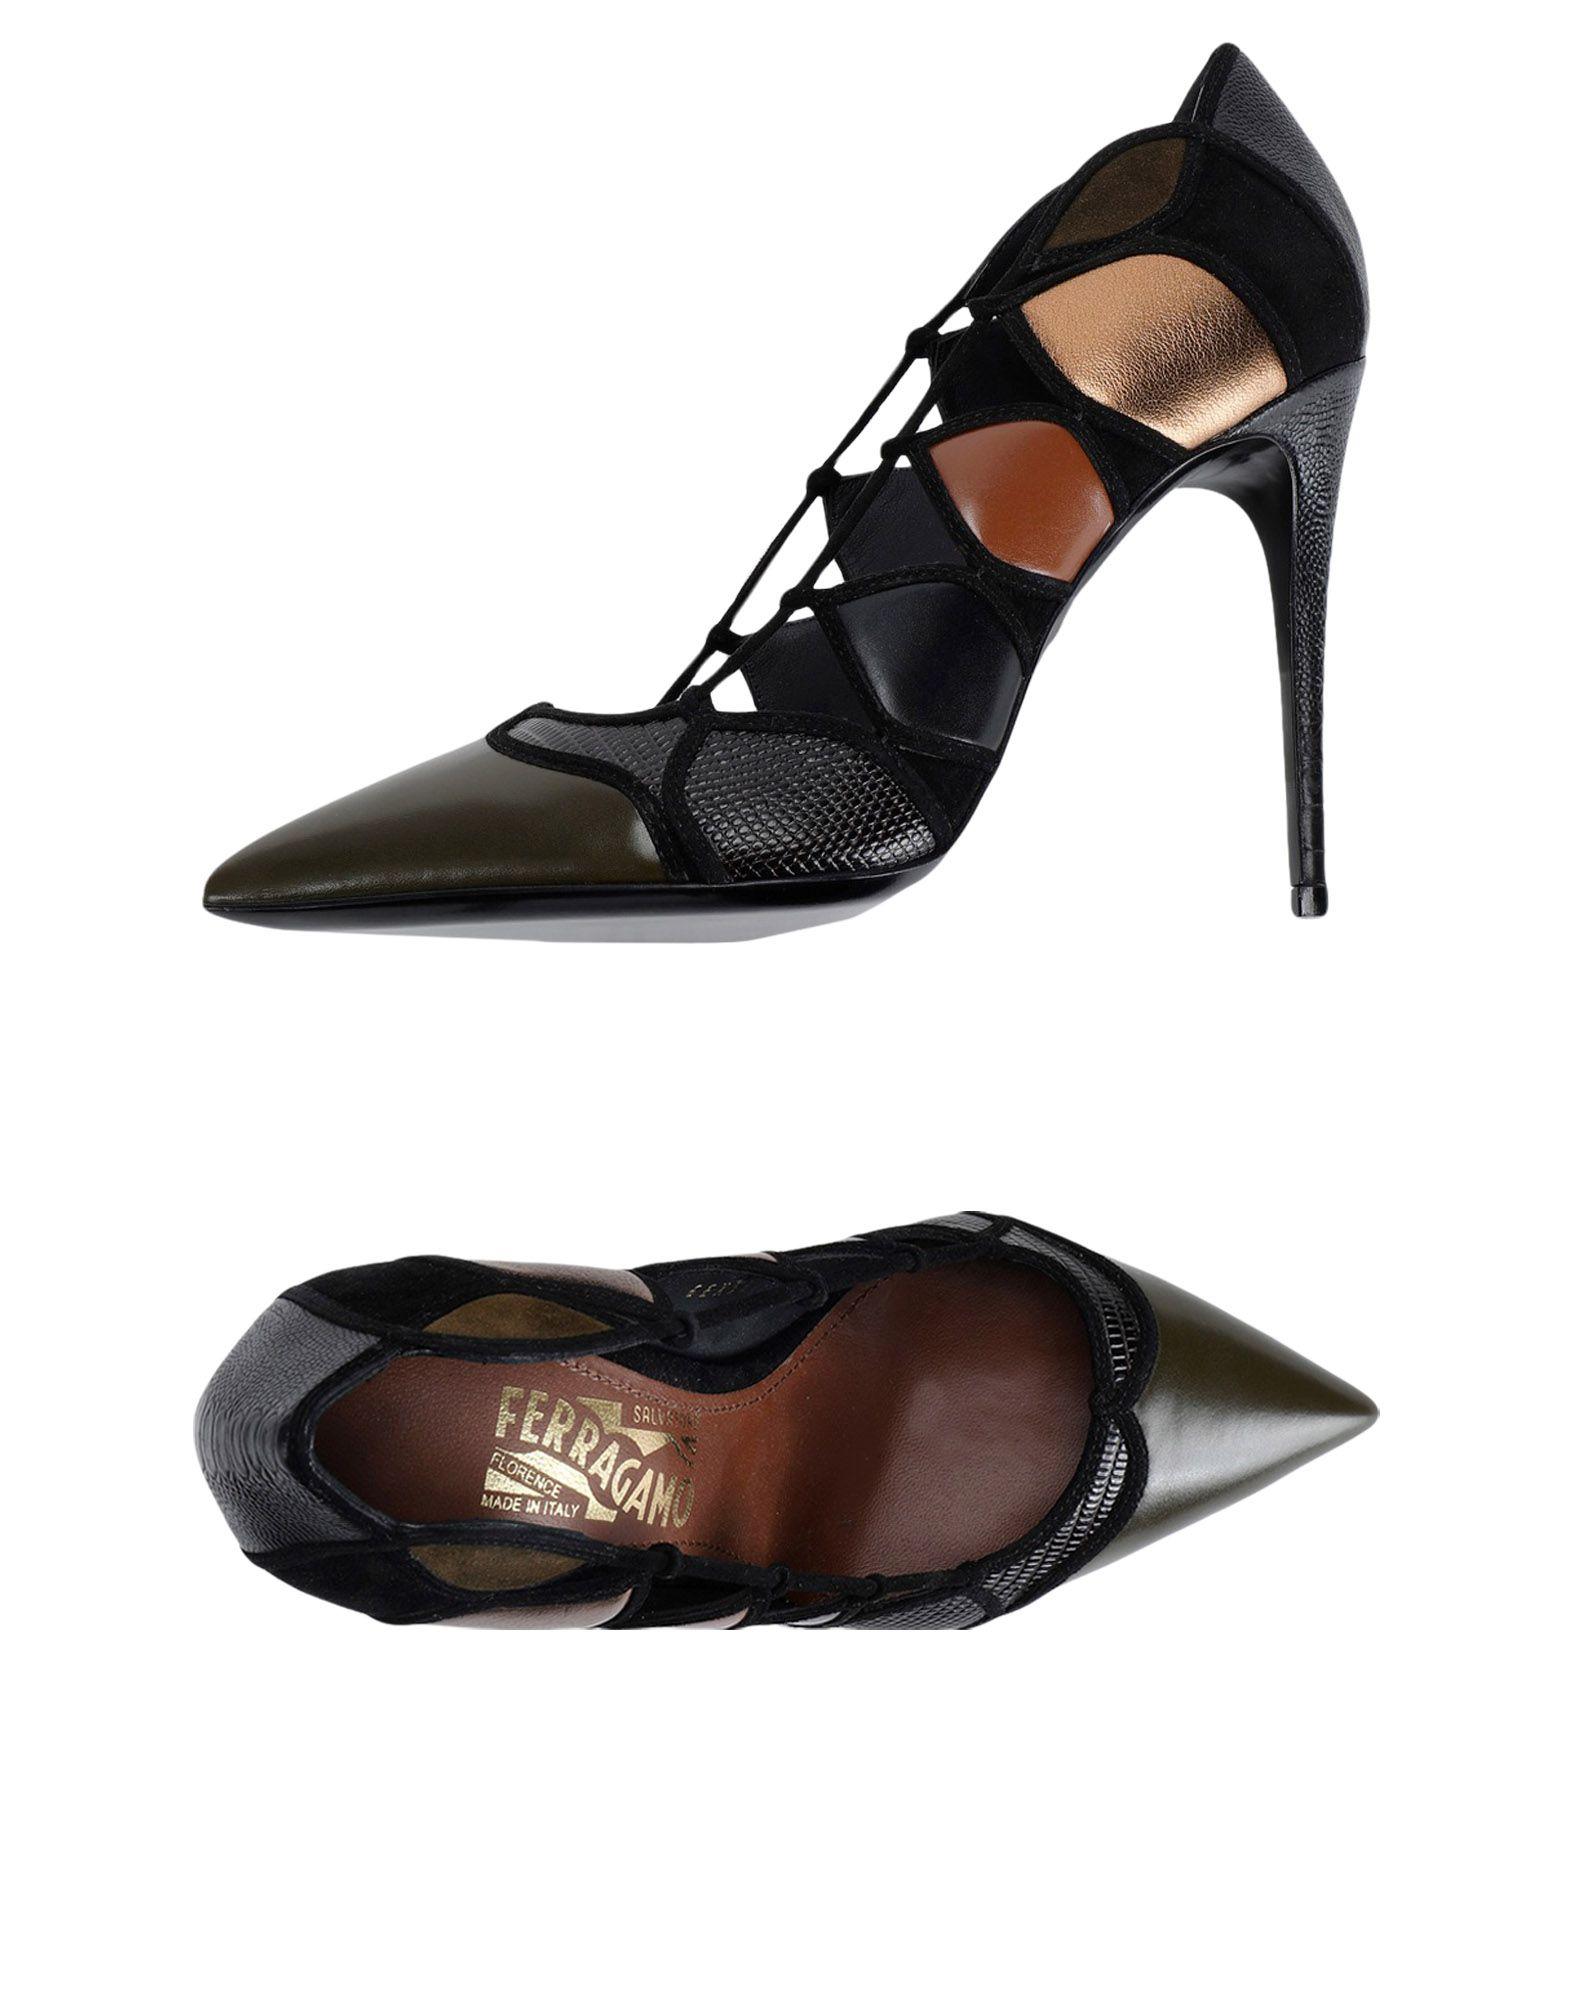 Moda barata y hermosa Zapato De - Salón Salvatore Ferragamo Mujer - De Salones Salvatore Ferragamo  Verde militar 35c087